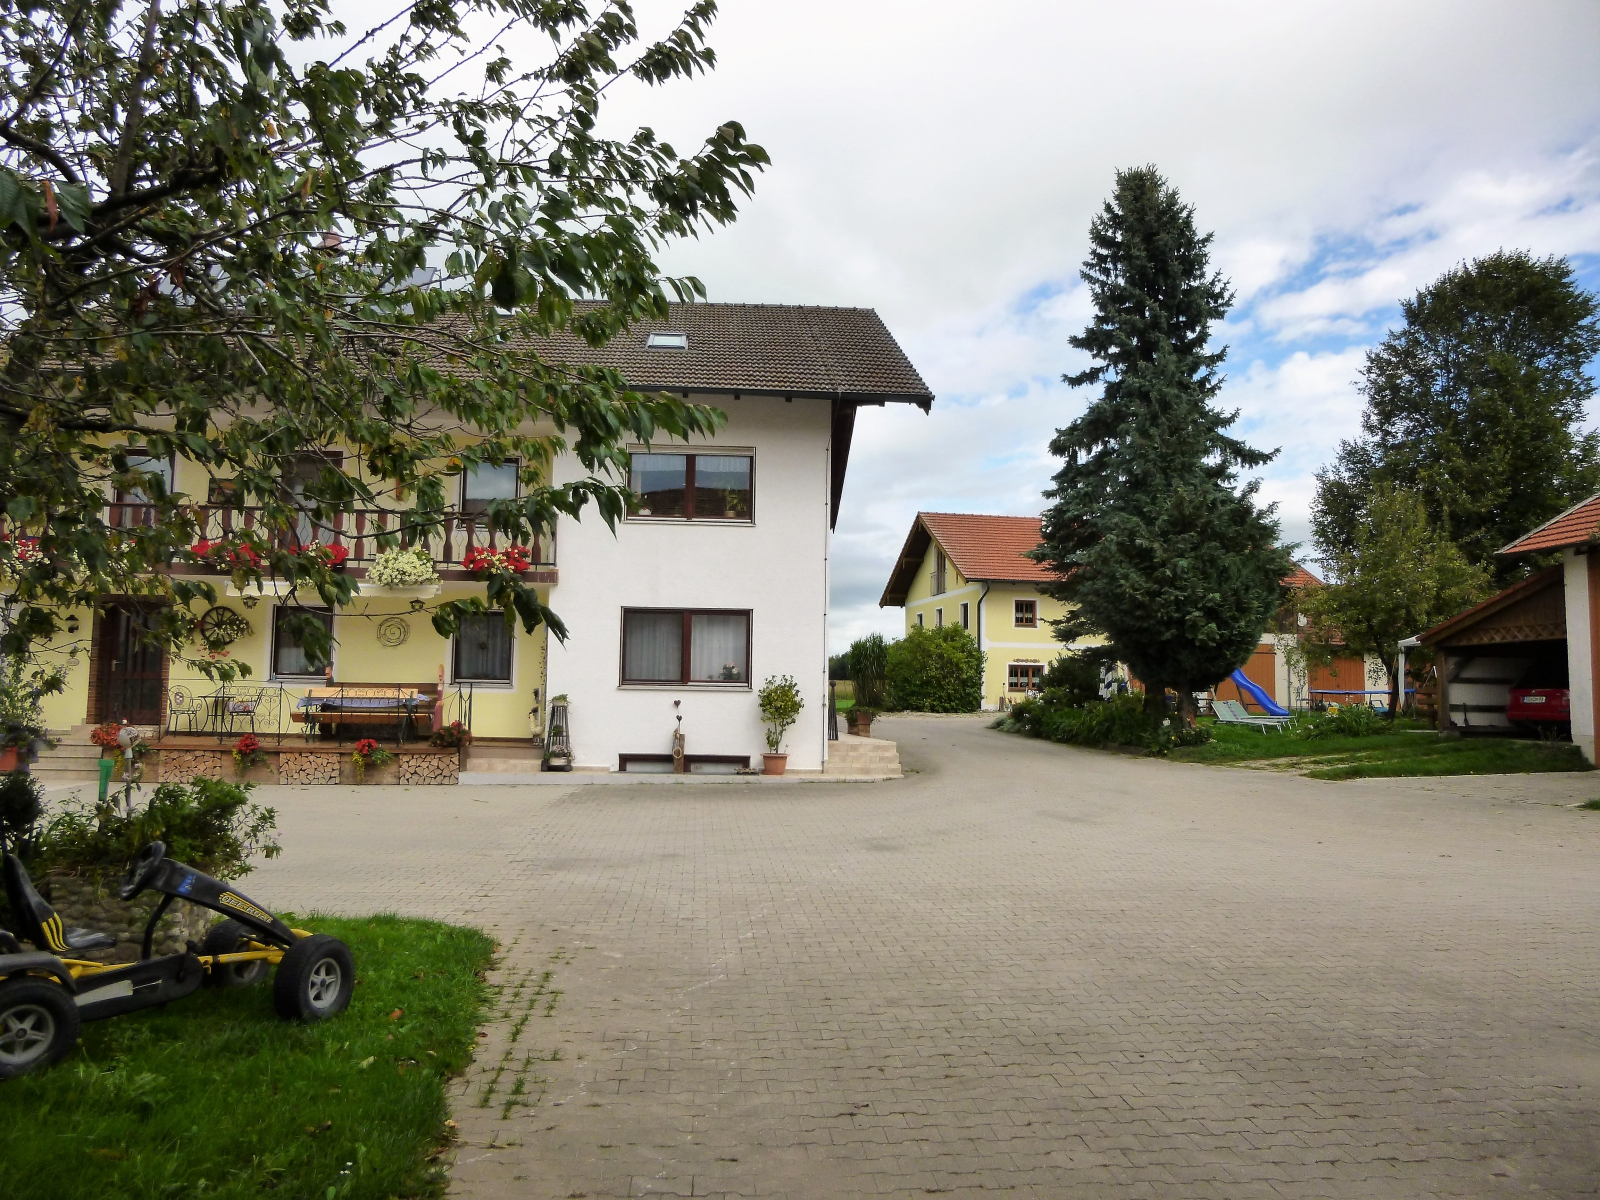 Baierhof2